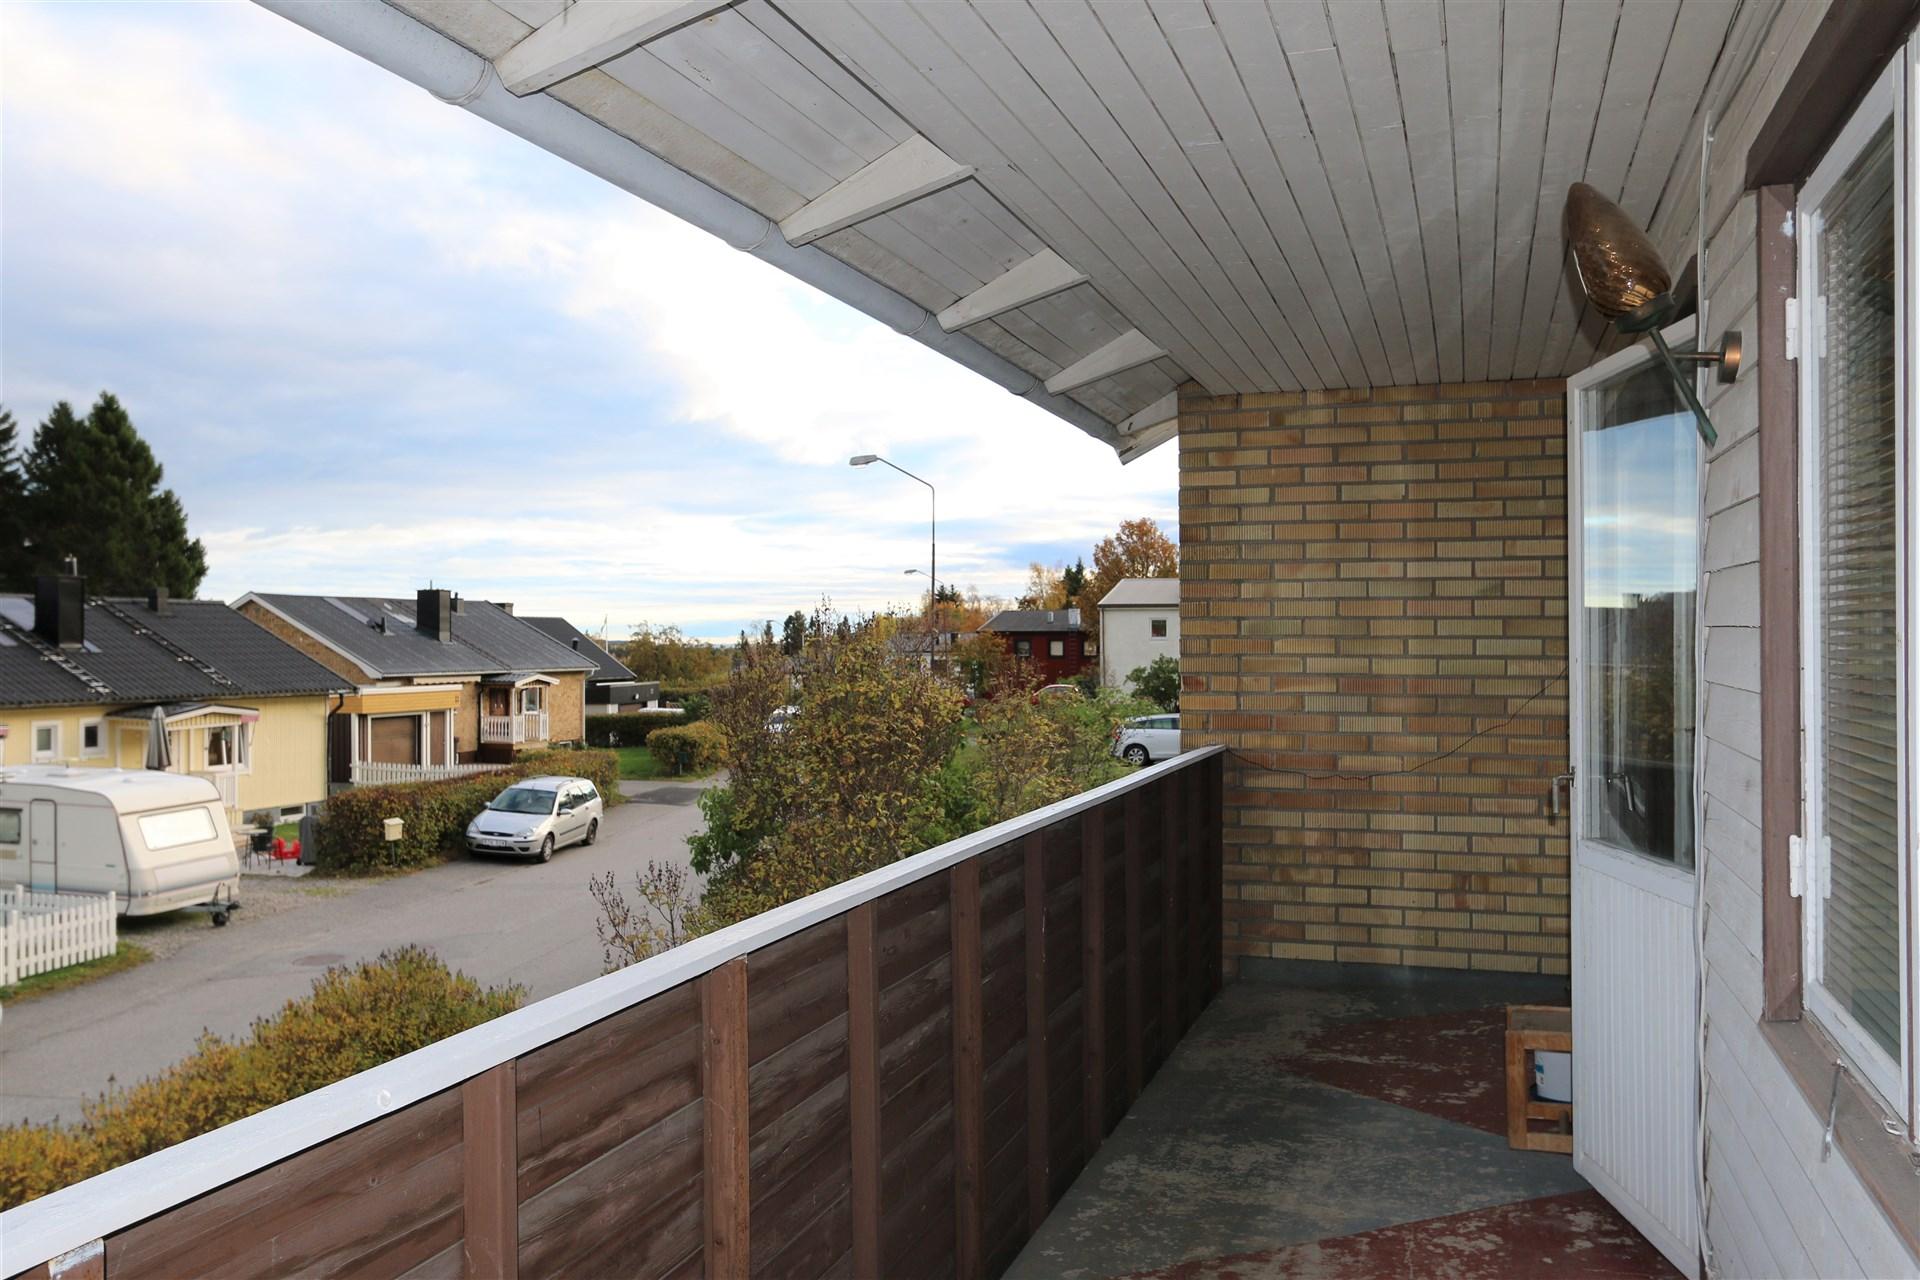 Lång balkong längs hela framsidan på huset